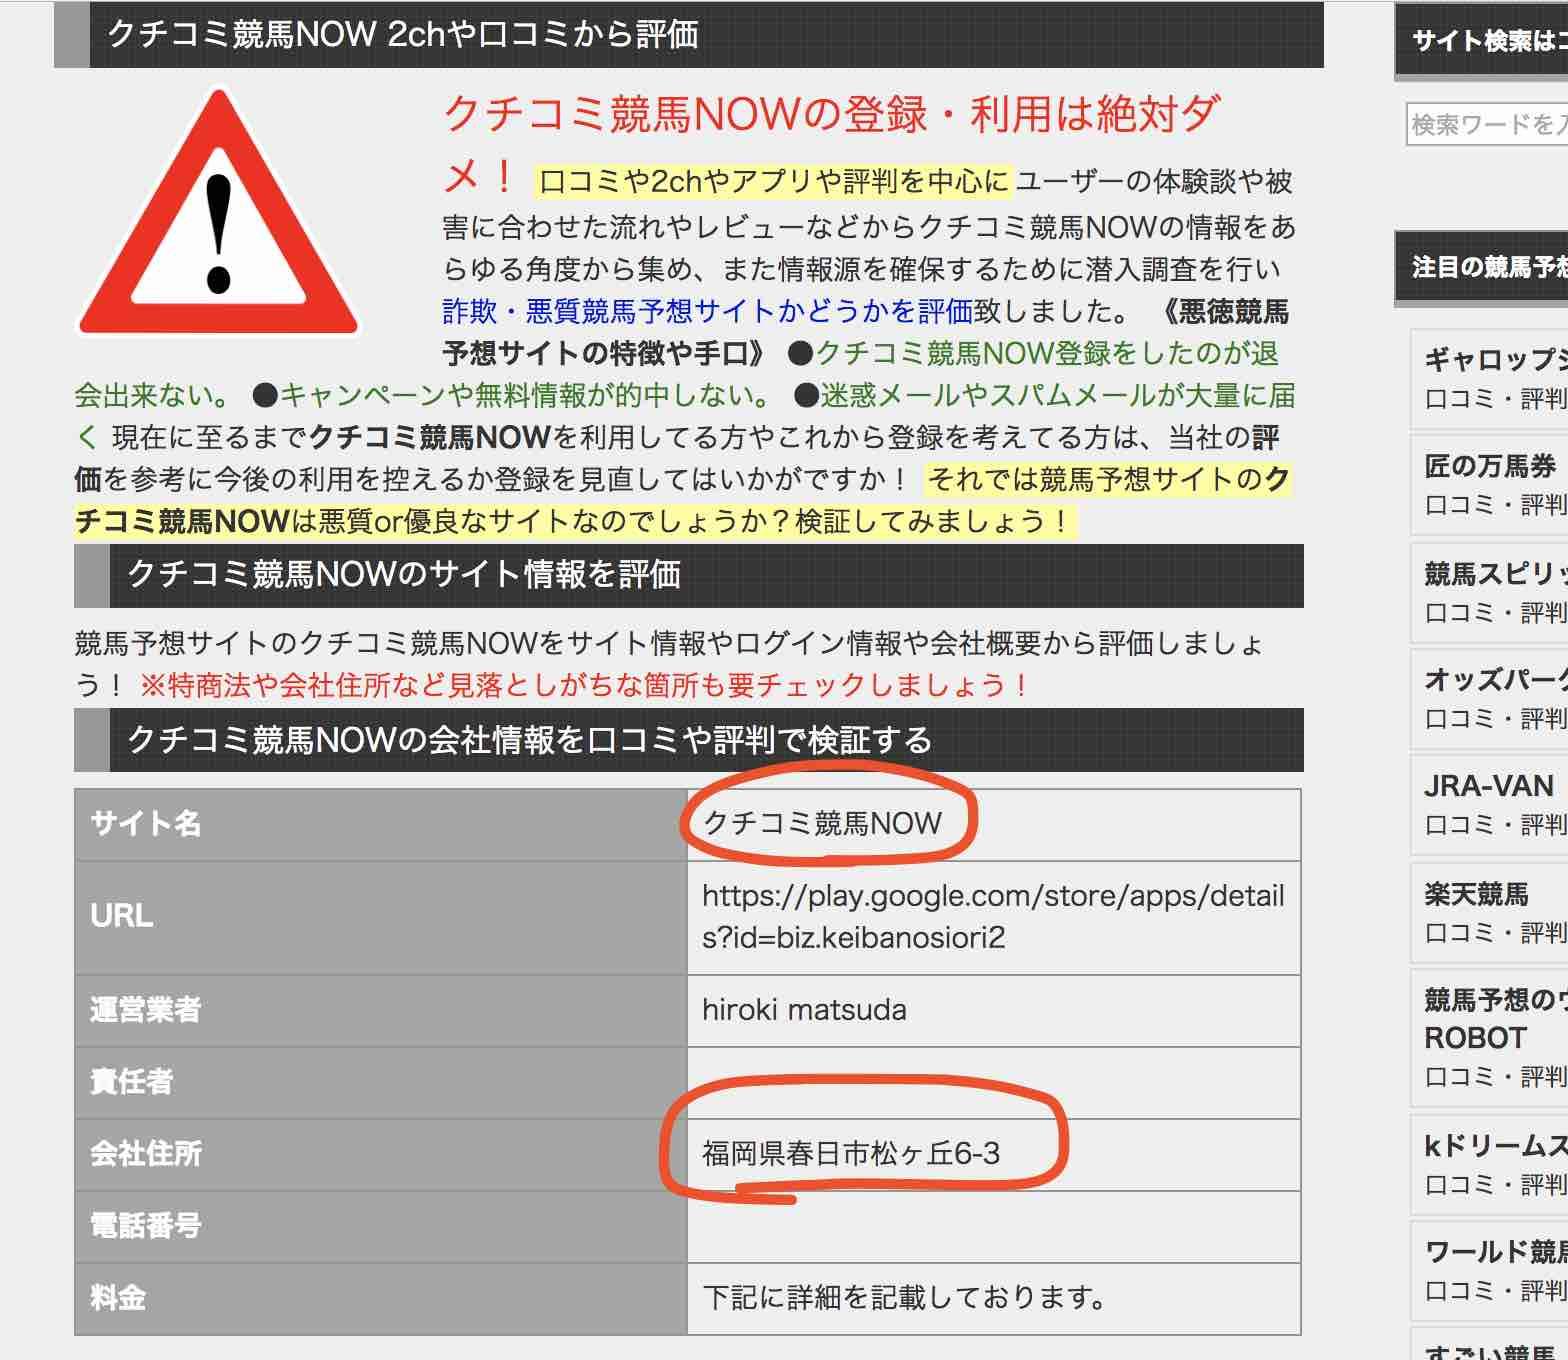 勝馬の栞という競馬予想サイトアプリがクチコミ競馬NOWの情報悪評競馬の2ch詐欺評価